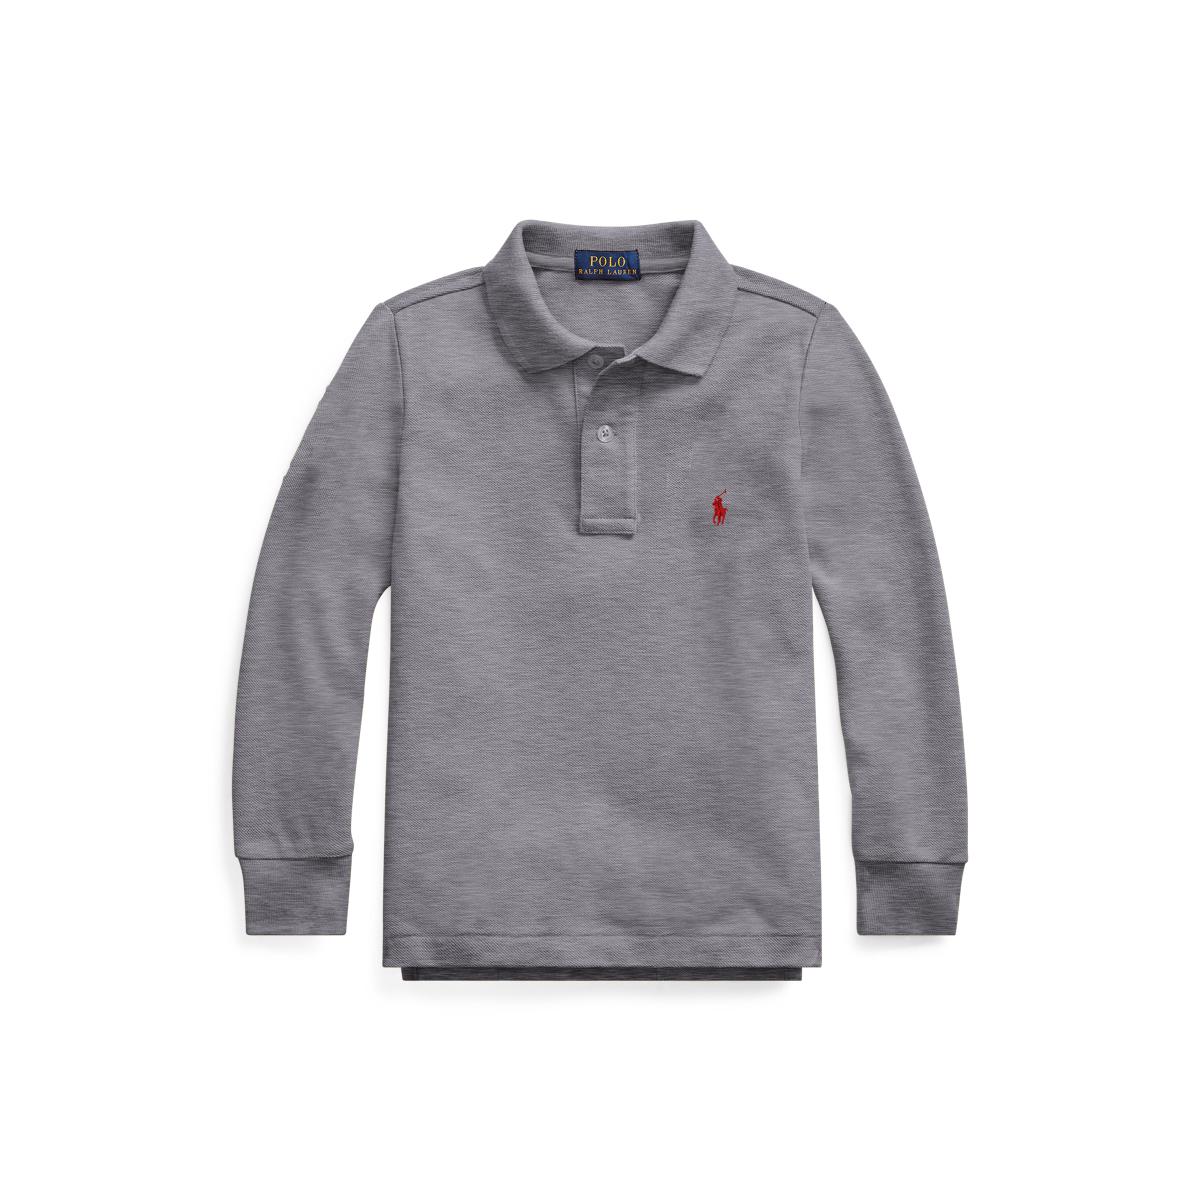 Cotton Mesh Long-Sleeve Polo